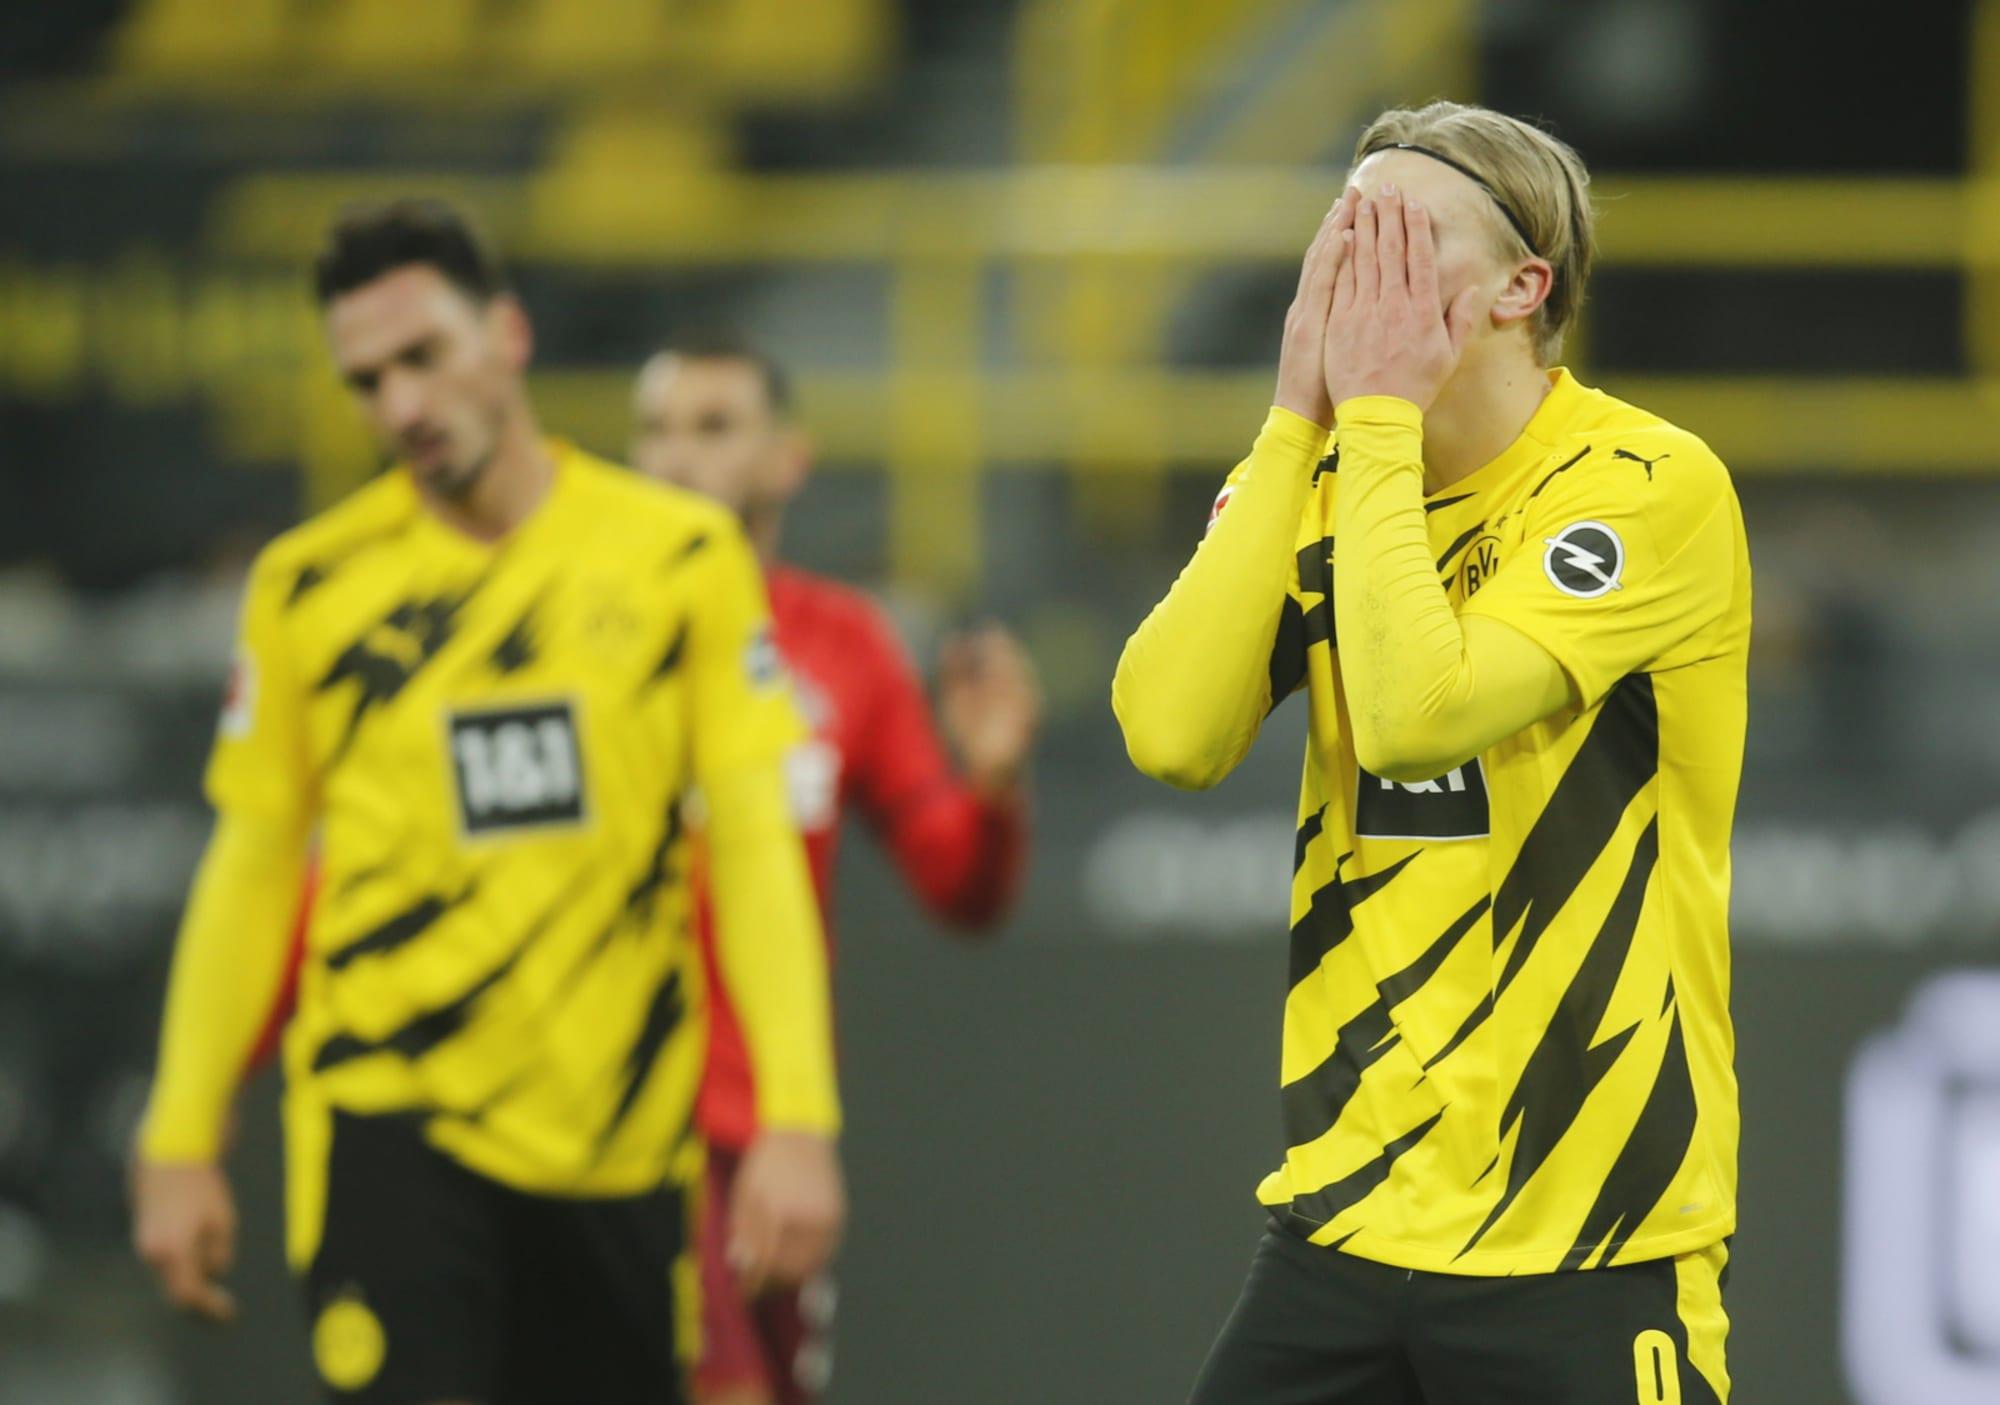 Erling Haaland bỏ lỡ cơ hội gỡ hoà khó tin cho Dortmund